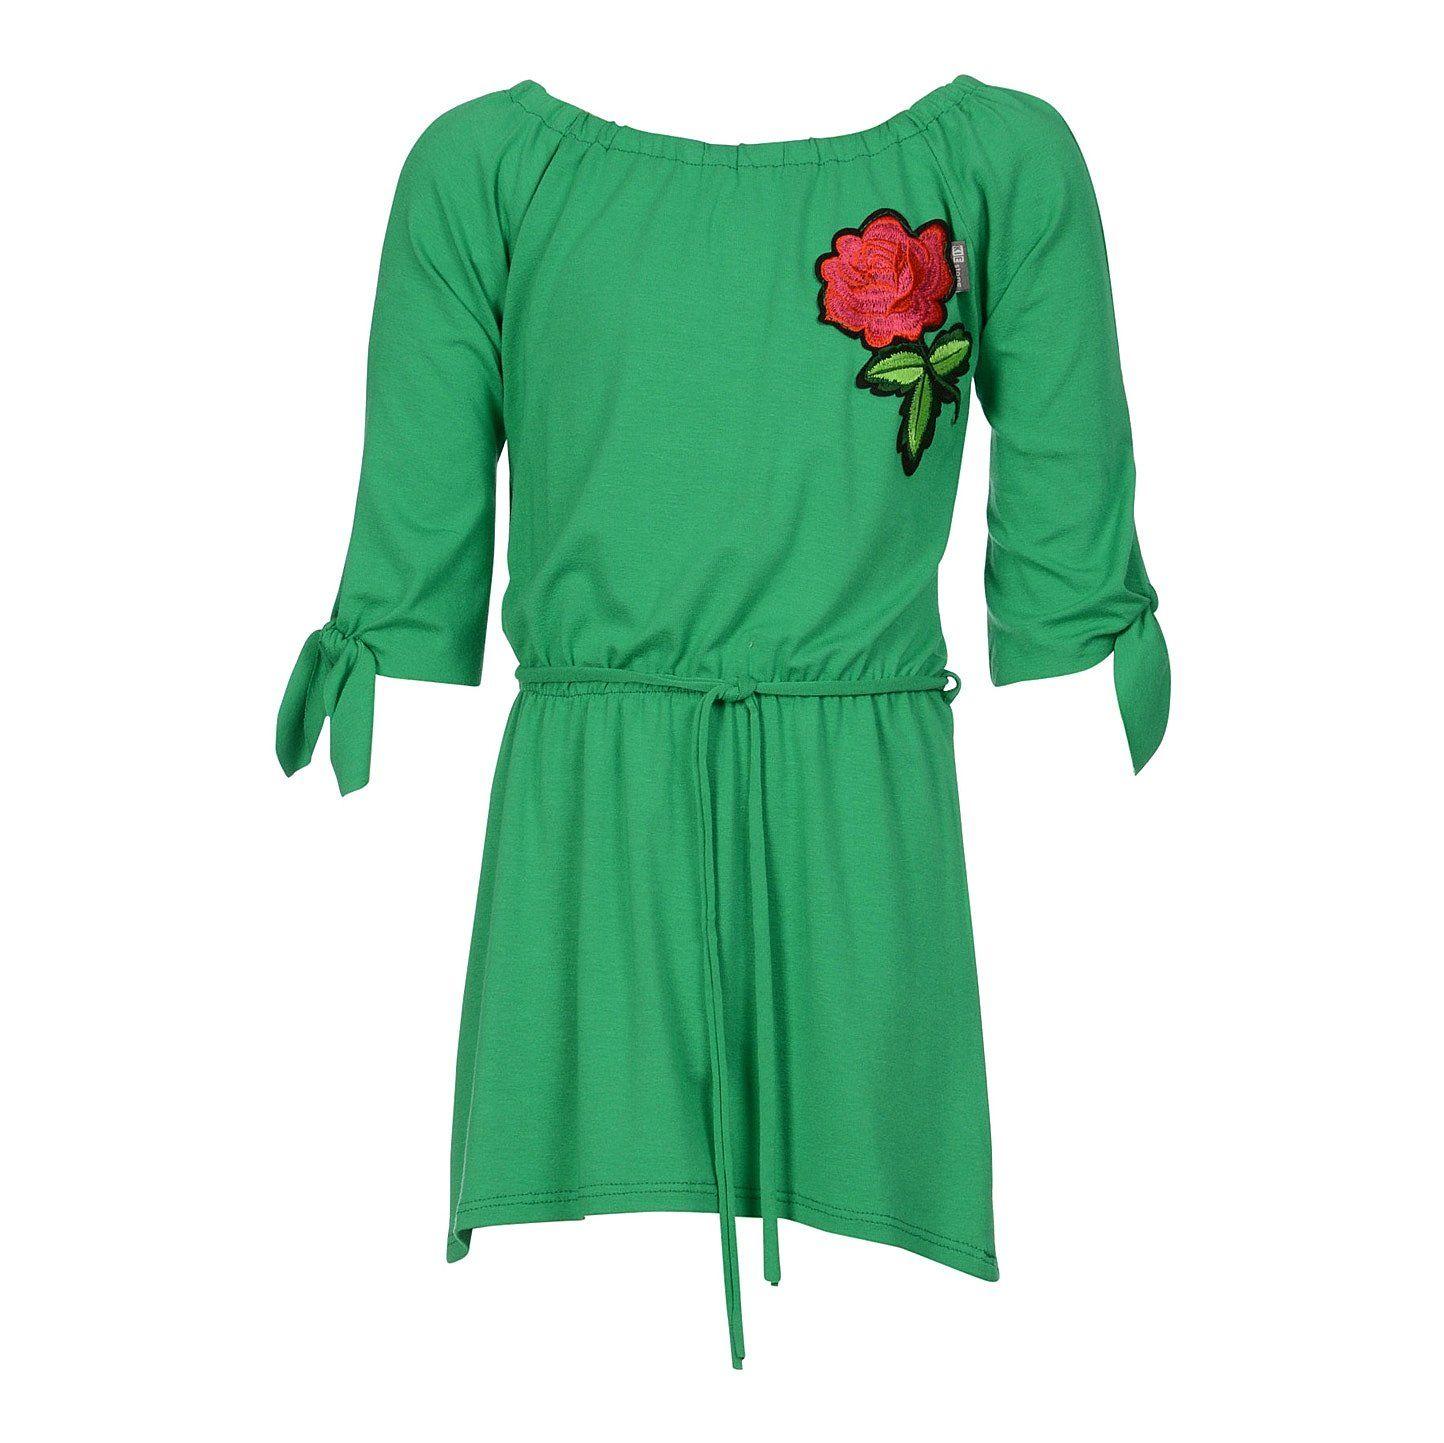 Tje Stone Kiezel Z18Kie Green Dress Girls Ks5450 5Rjq4L3A